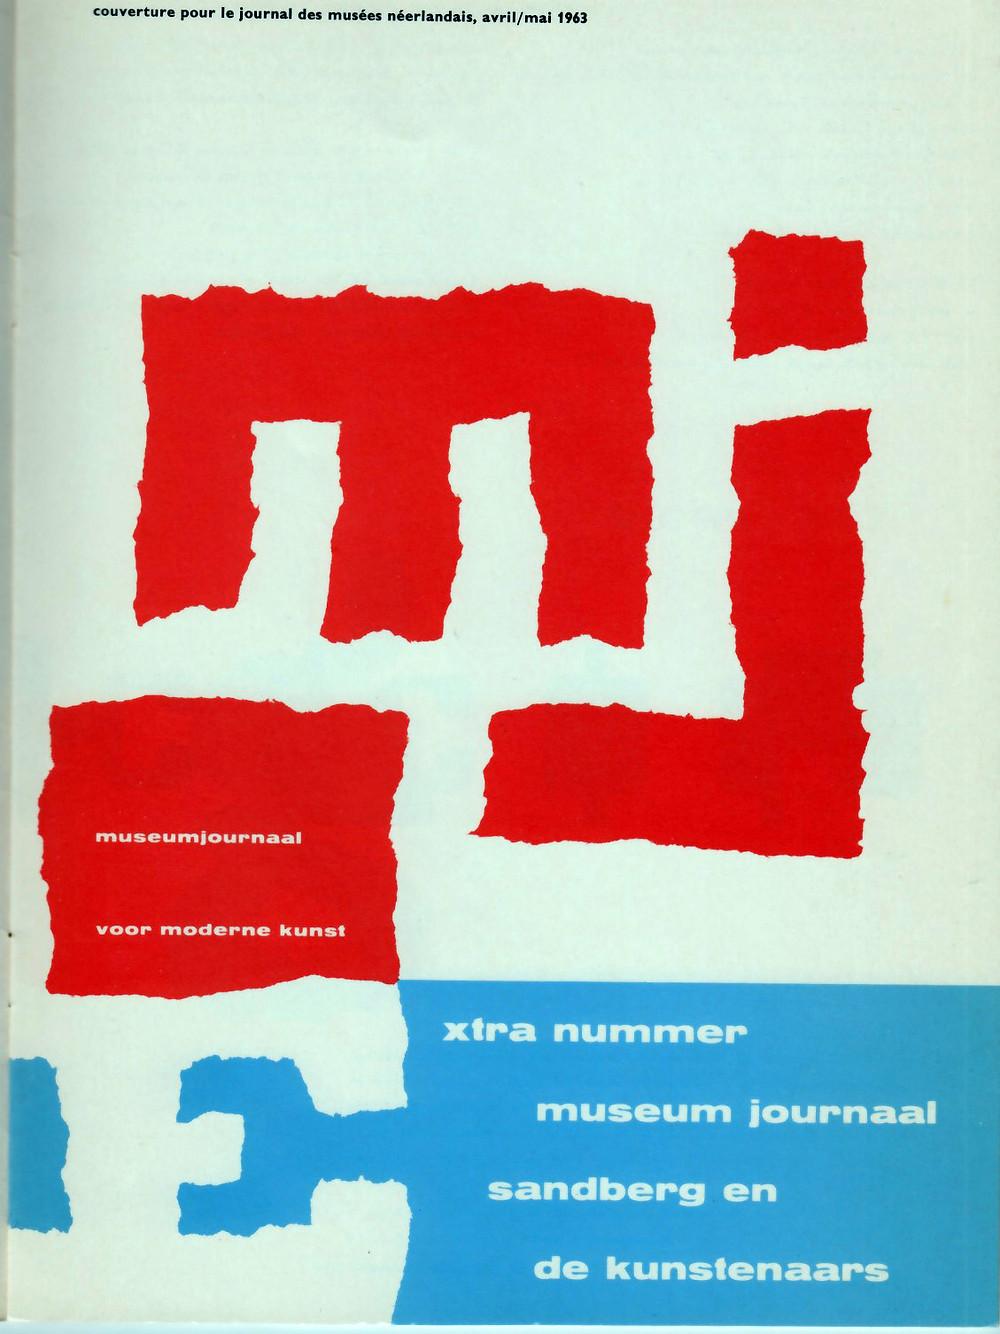 Cover for the Journal Musées Néerlandais, 1963.